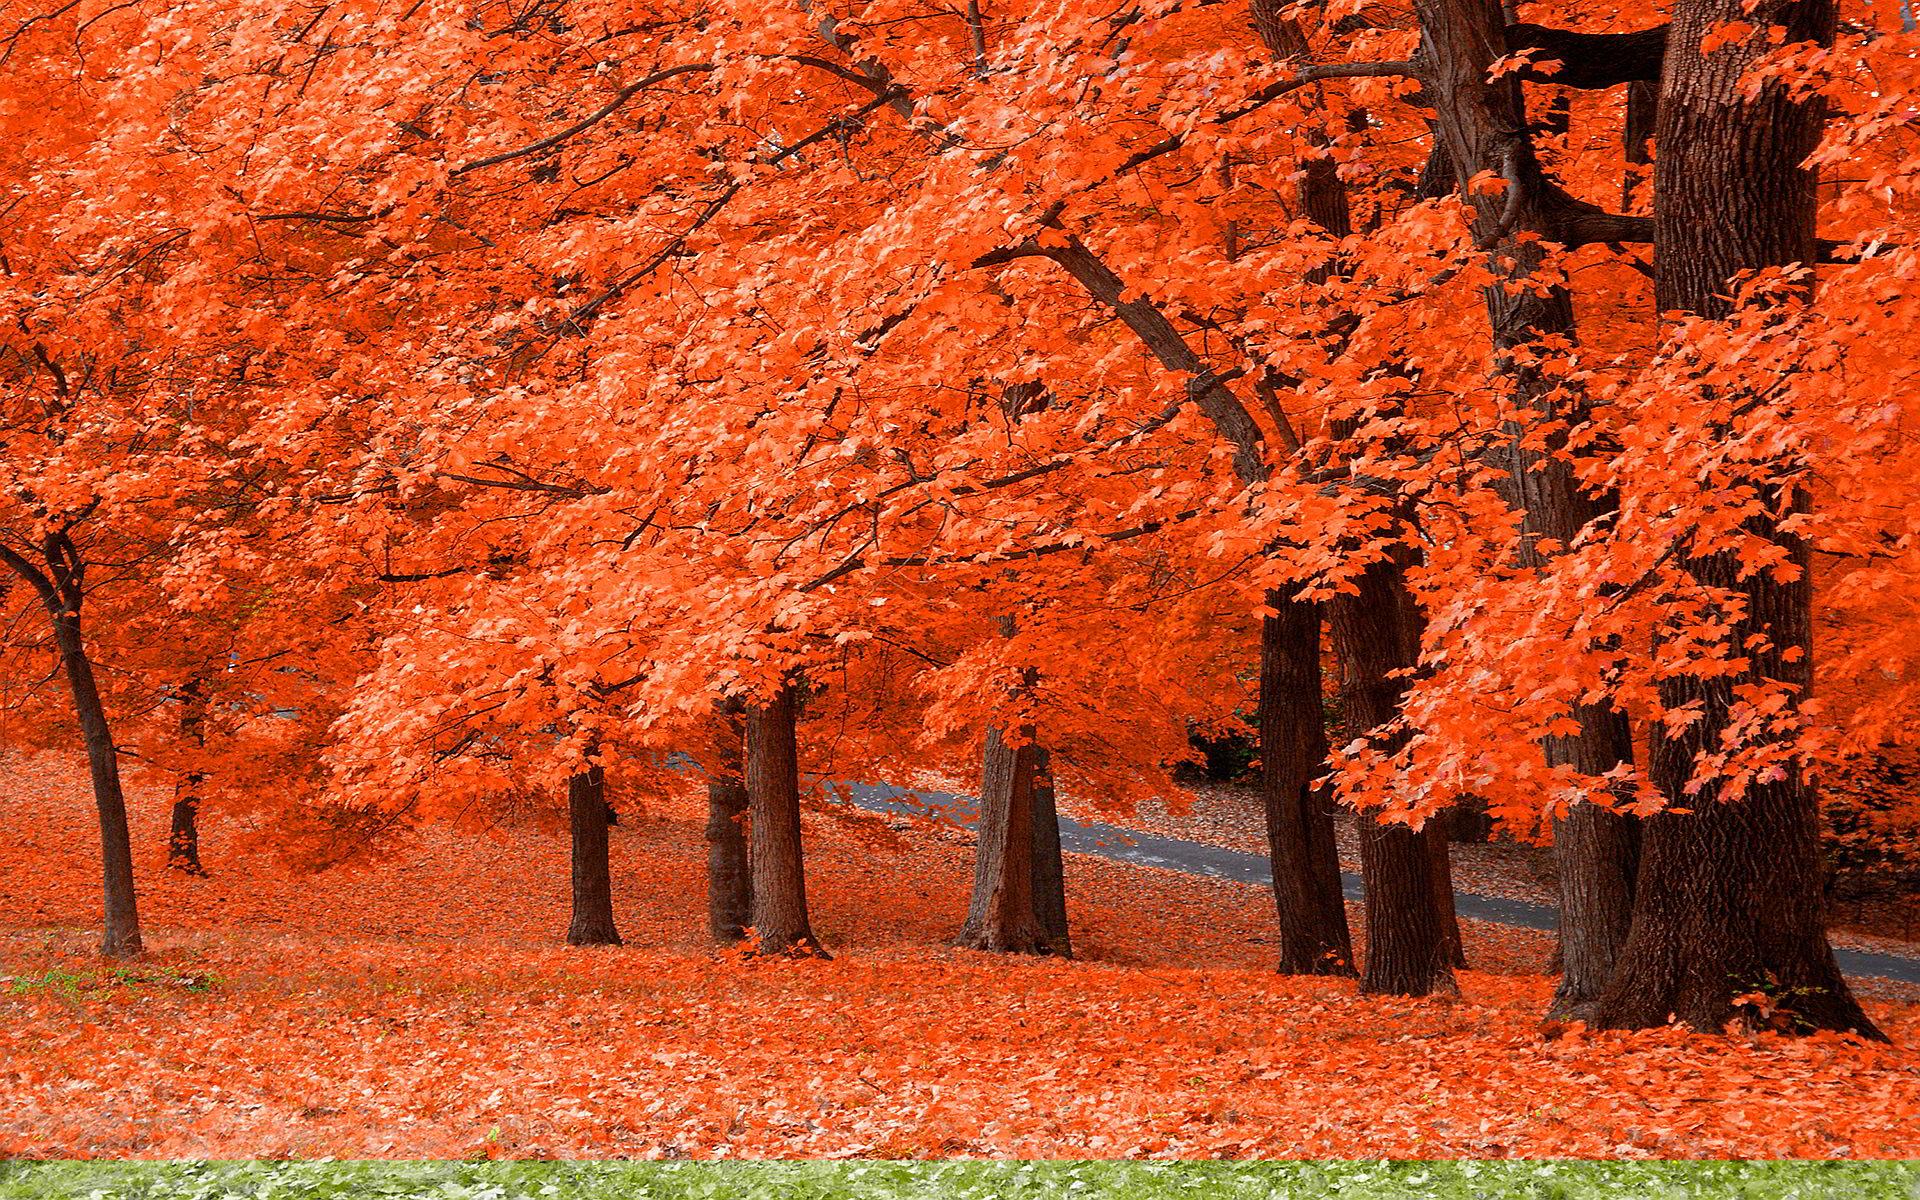 Autumn Leaves 3d Live Wallpaper Autumn Widescreen Wallpaper Hd Desktop Wallpapers 4k Hd